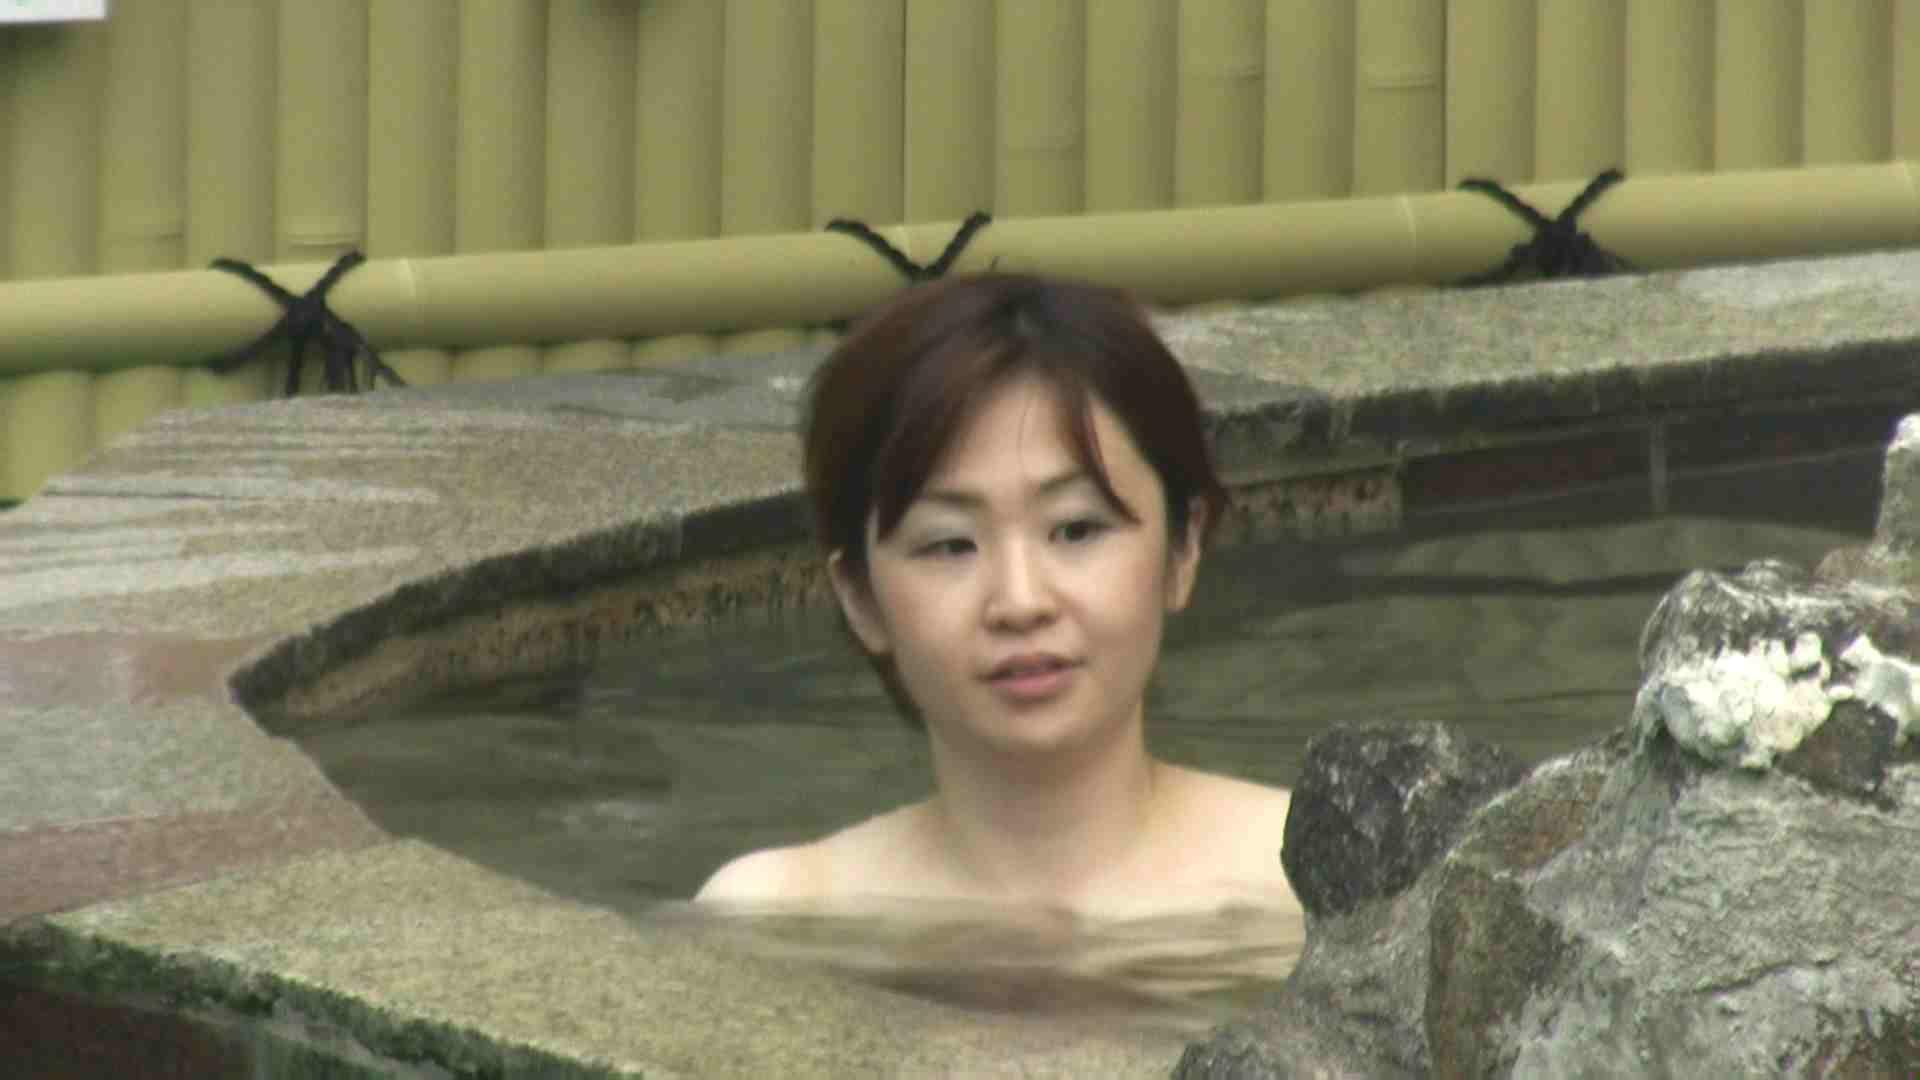 高画質露天女風呂観察 vol.033 OLセックス 隠し撮りおまんこ動画流出 57画像 16